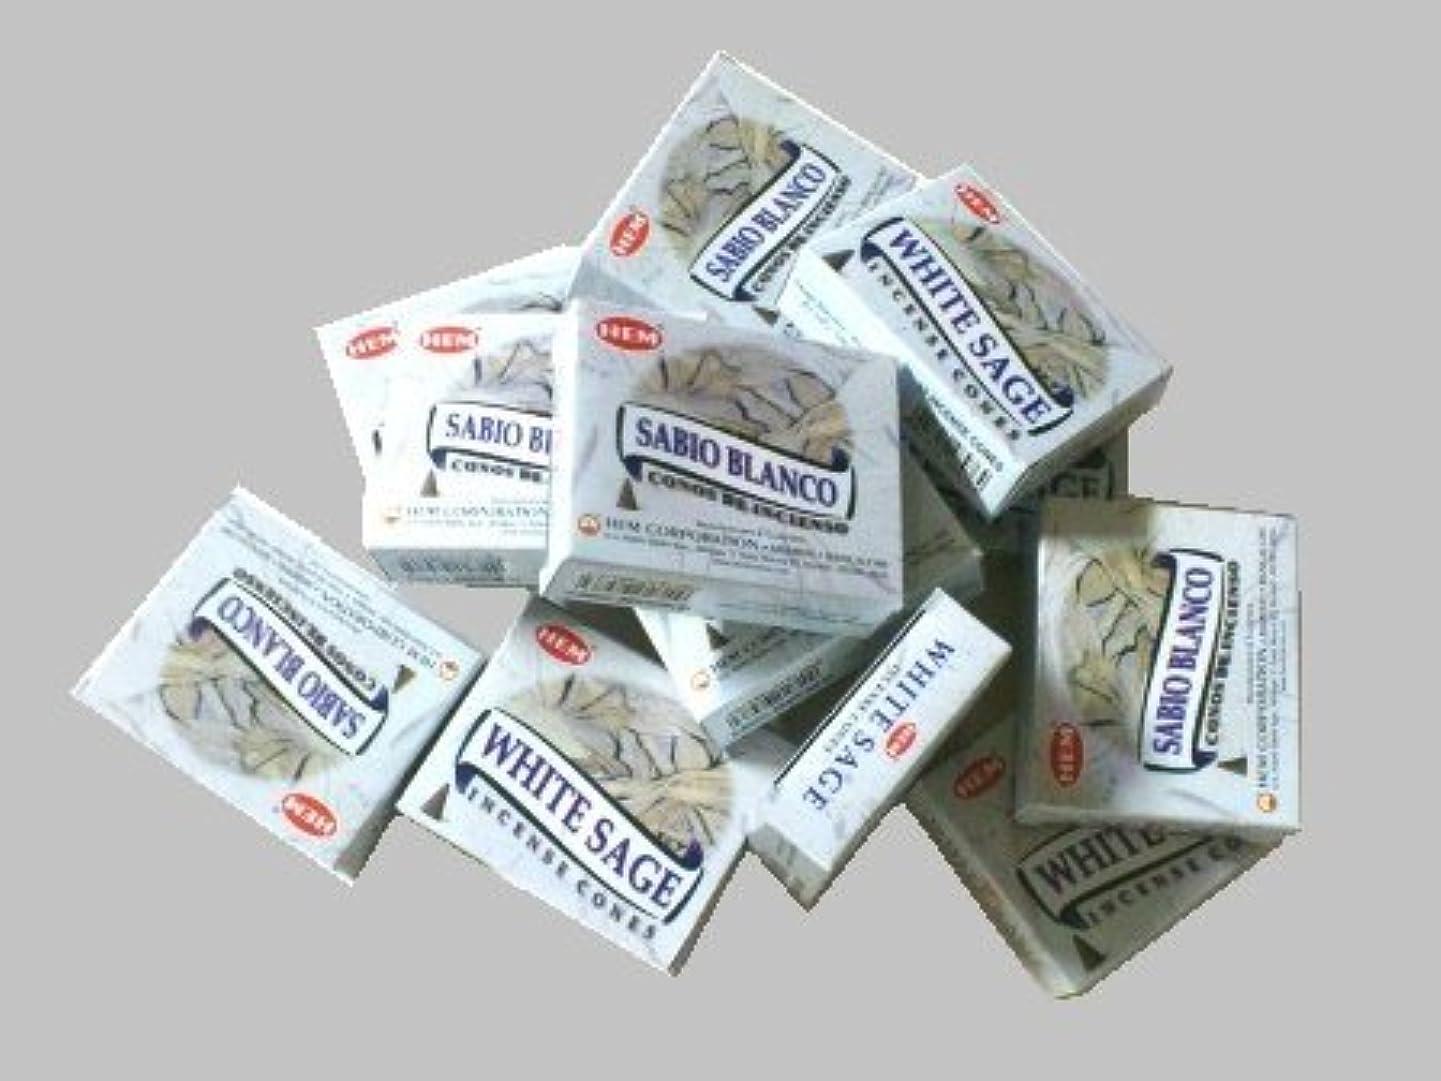 村偽物滅びるHEM(ヘム)お香コーン ホワイトセージ 1ケース(10粒入り1箱×12箱)